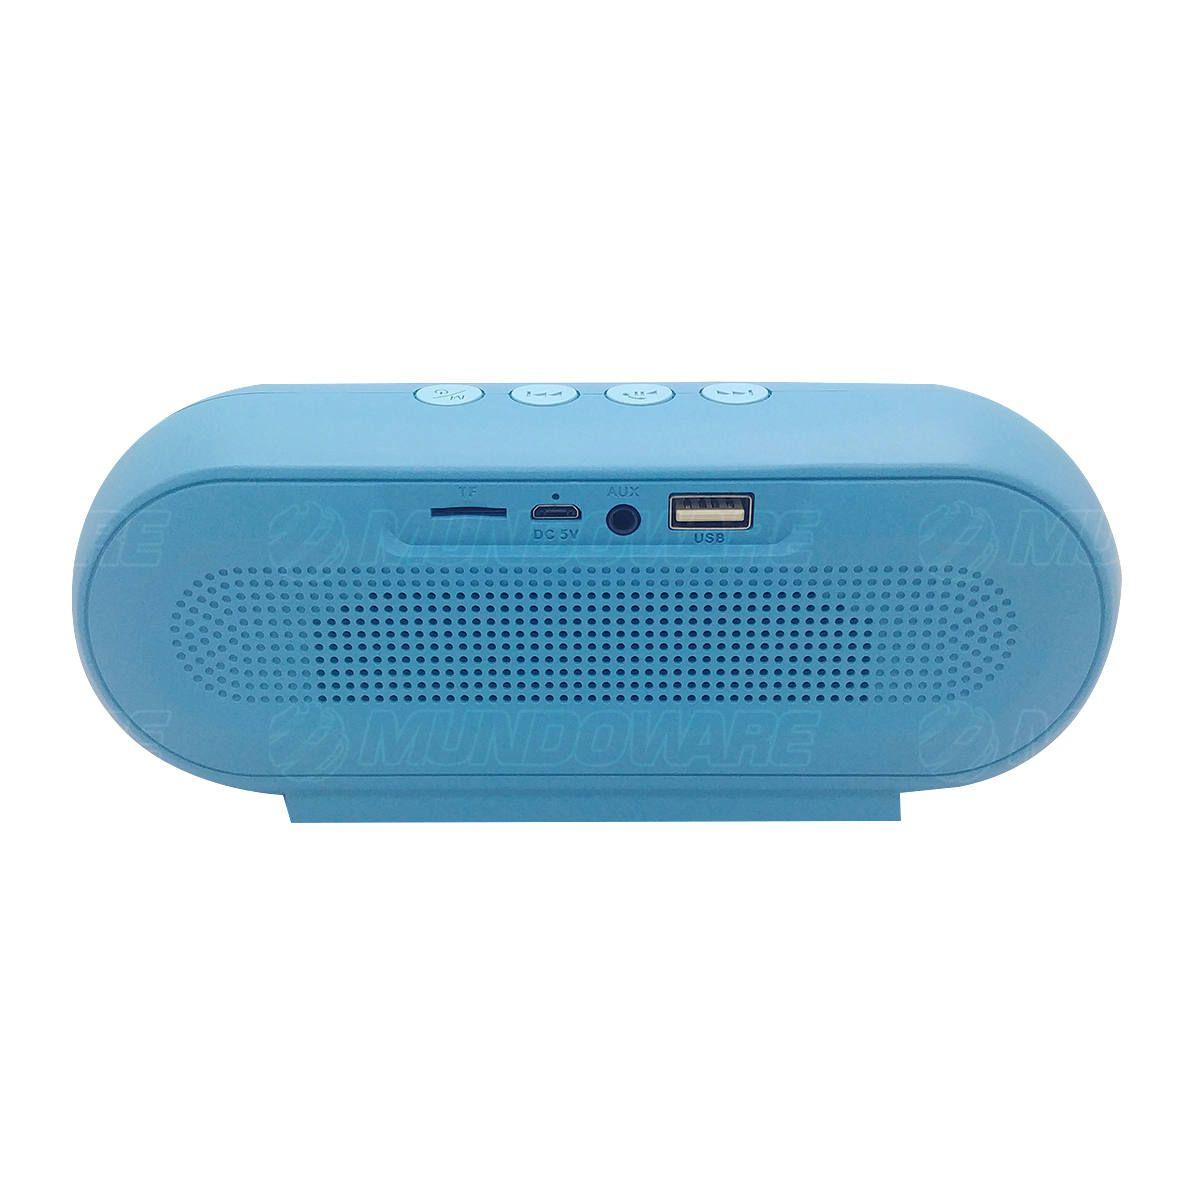 Caixa de Som Bluetooth 5.0 Multimídia 10W FM USB SD P2 Tecnologia TWS Bateria 1200mAh Macaron VC-M290BT Azul